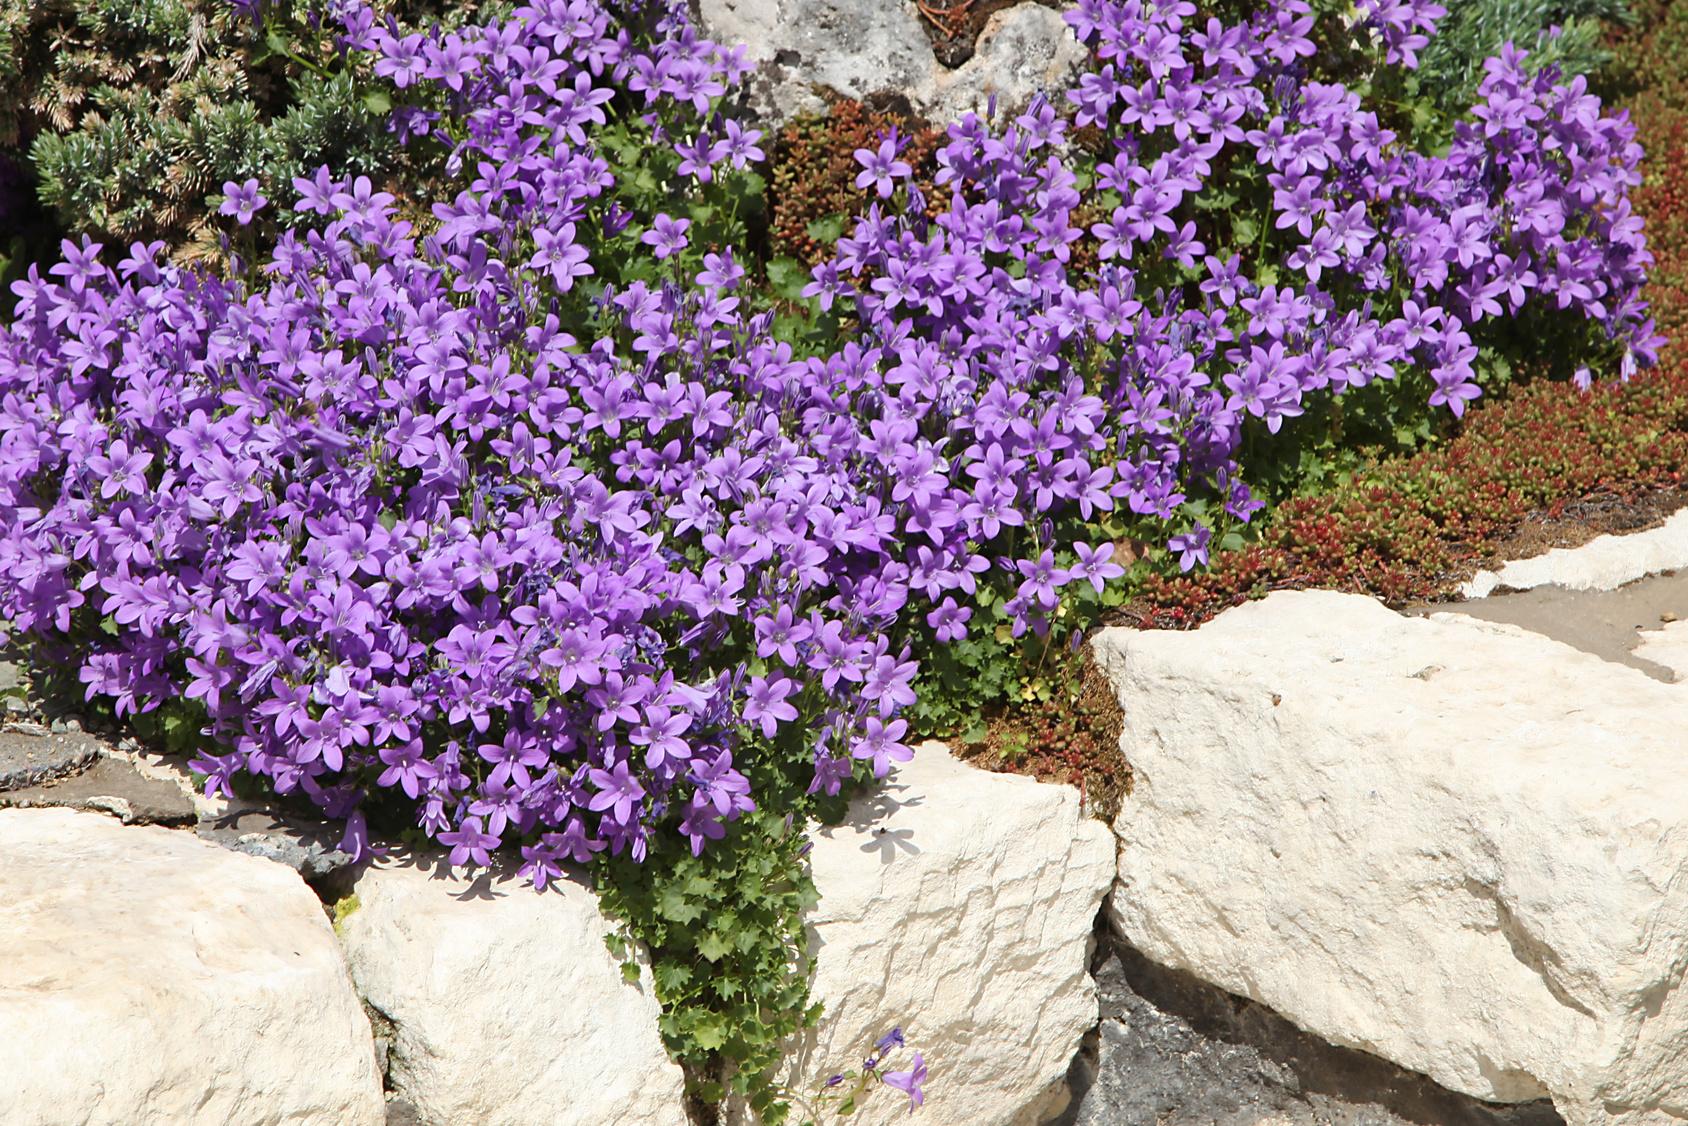 5 plantes vivaces pour faire votre choix les conseils pour votre jardin de willemse france. Black Bedroom Furniture Sets. Home Design Ideas